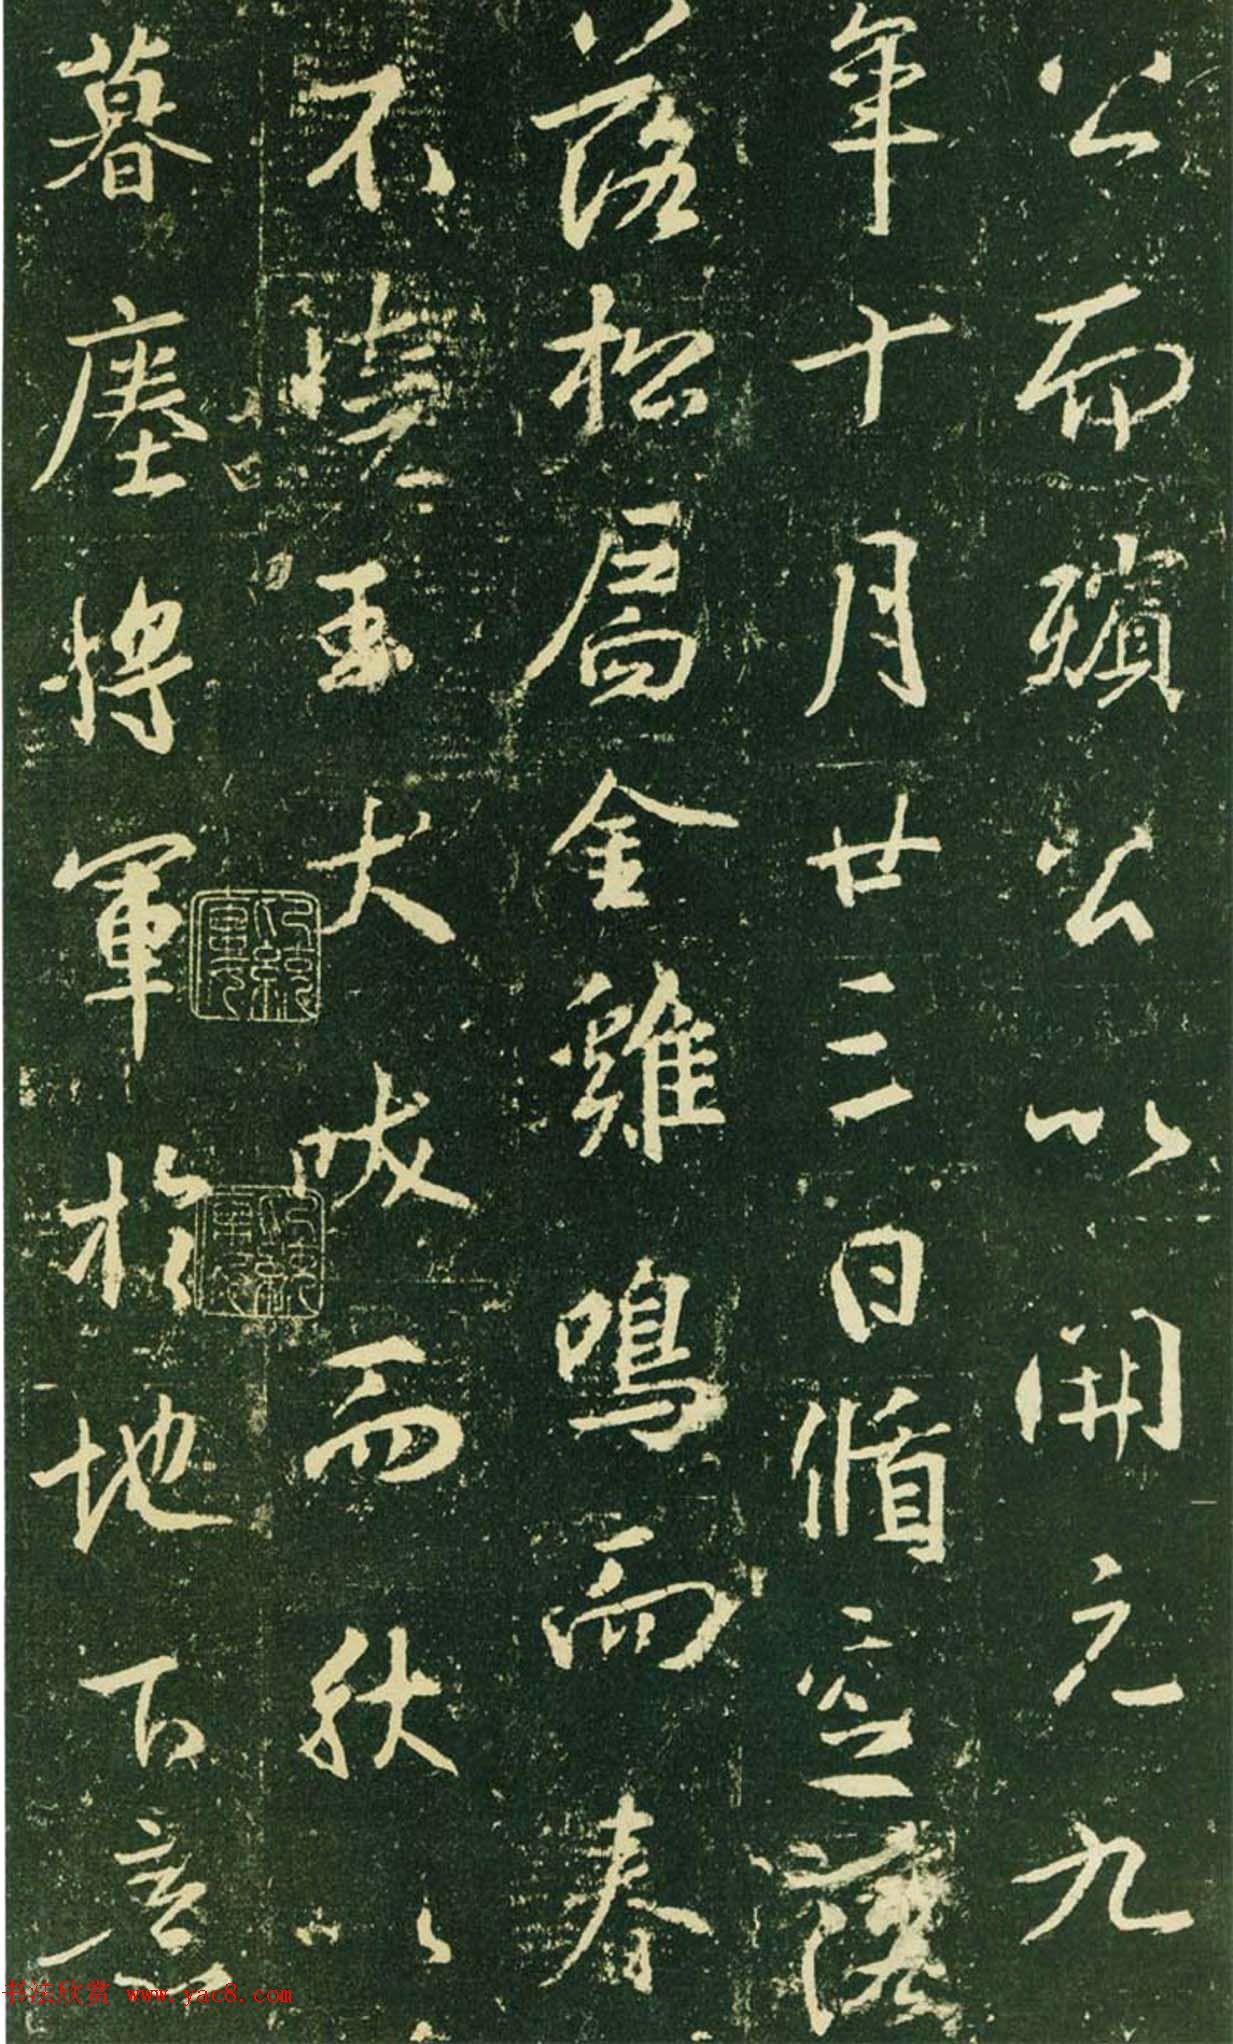 西安开元_王羲之行书集字碑《兴福寺半截碑》 - 第4页 _二王书法_书法欣赏